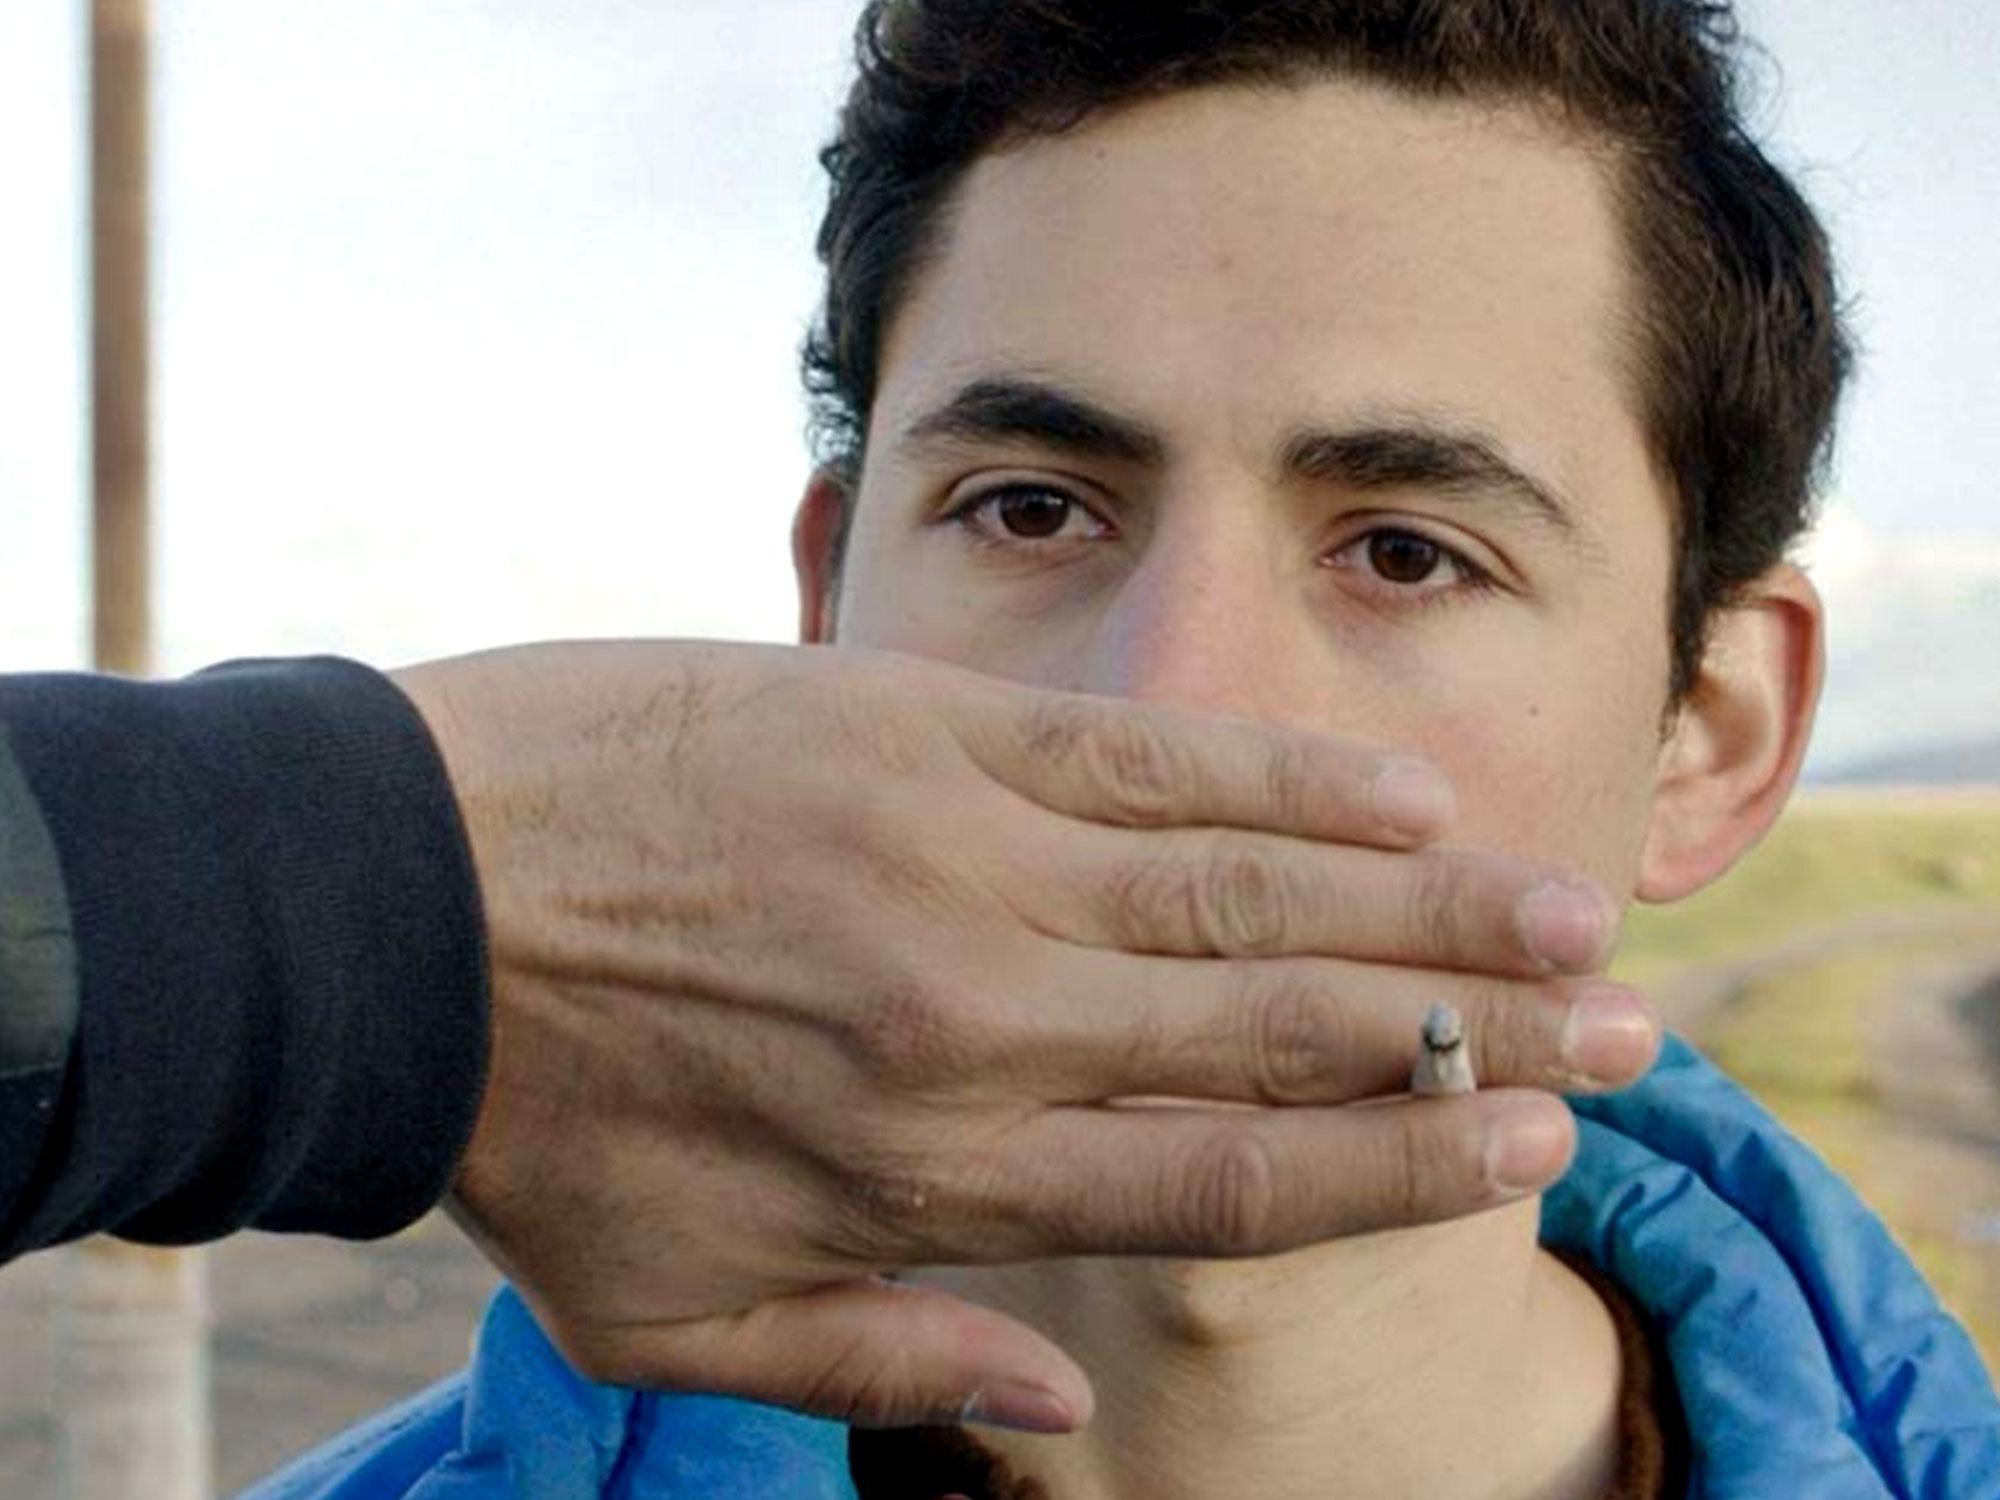 Amir El-Masry in Limbo (2020)